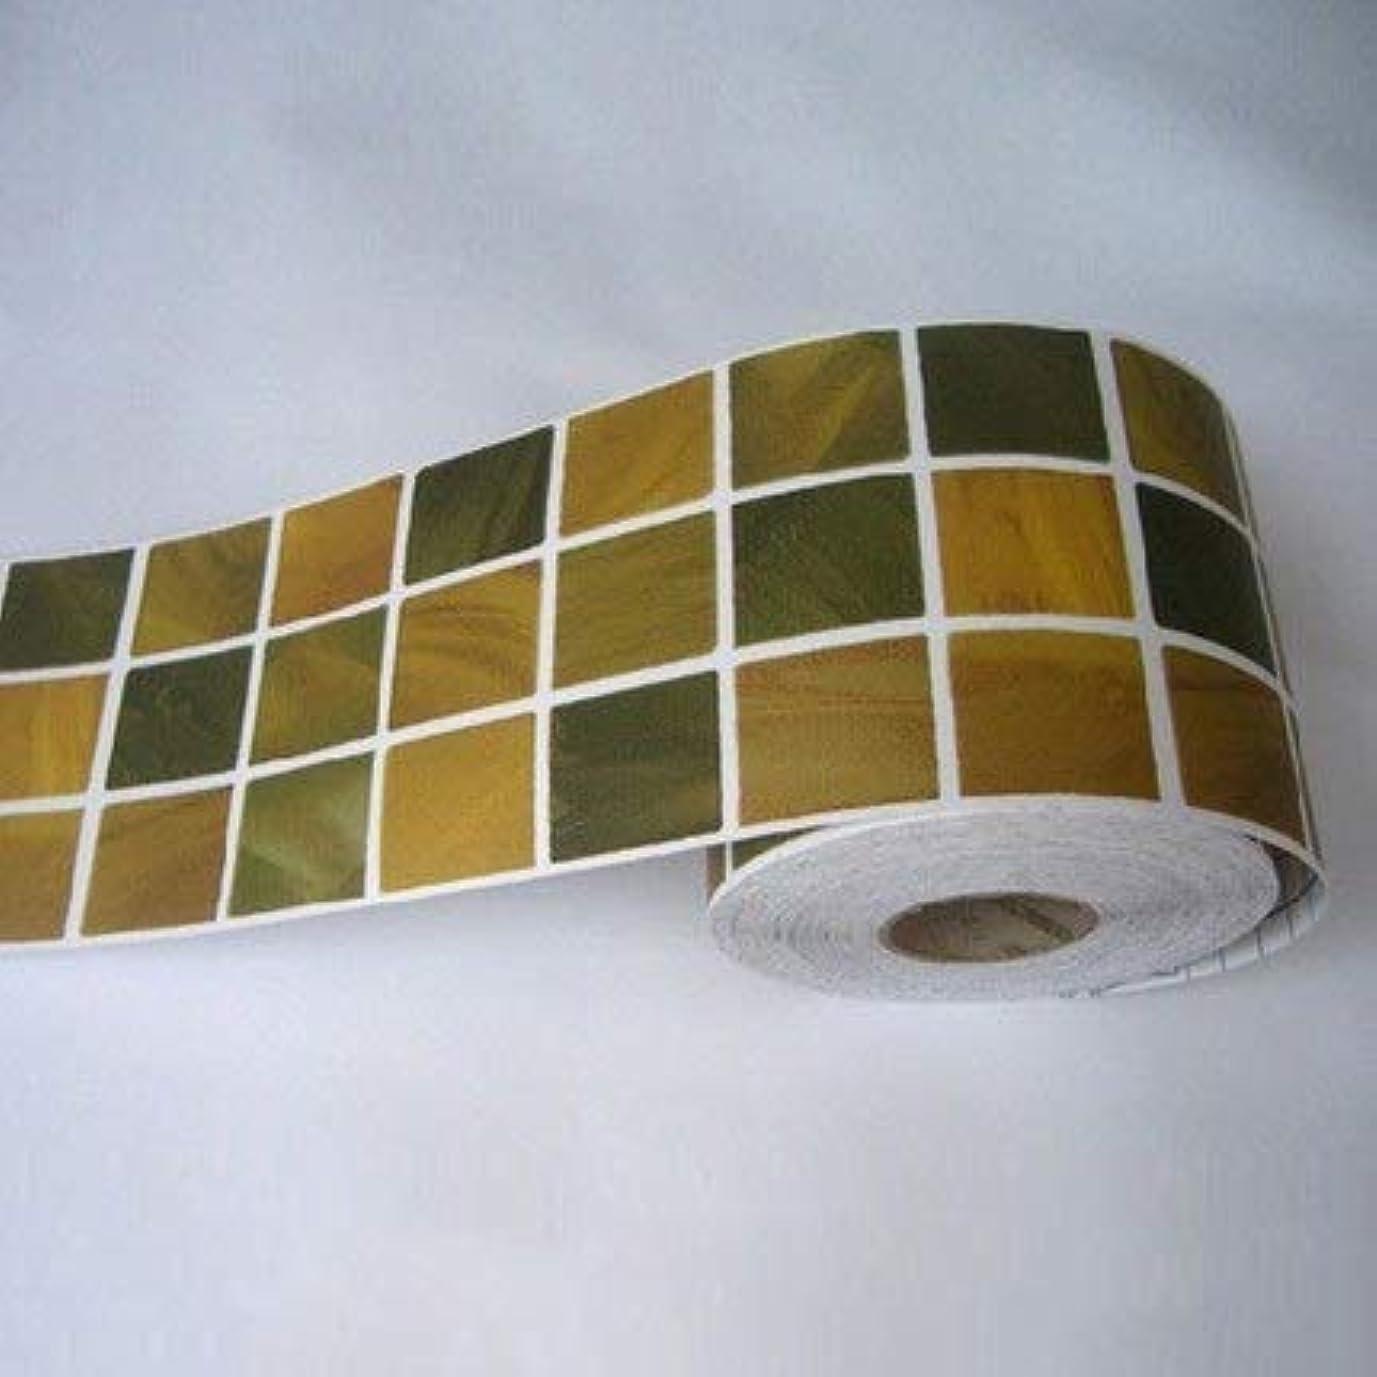 コーデリアおとうさん余韻CZCCH ステッカーキッチンバスルームトイレAdhensiveアンチオイル壁紙耐熱壁の装飾 (Color : TB 01, Size : 1M)